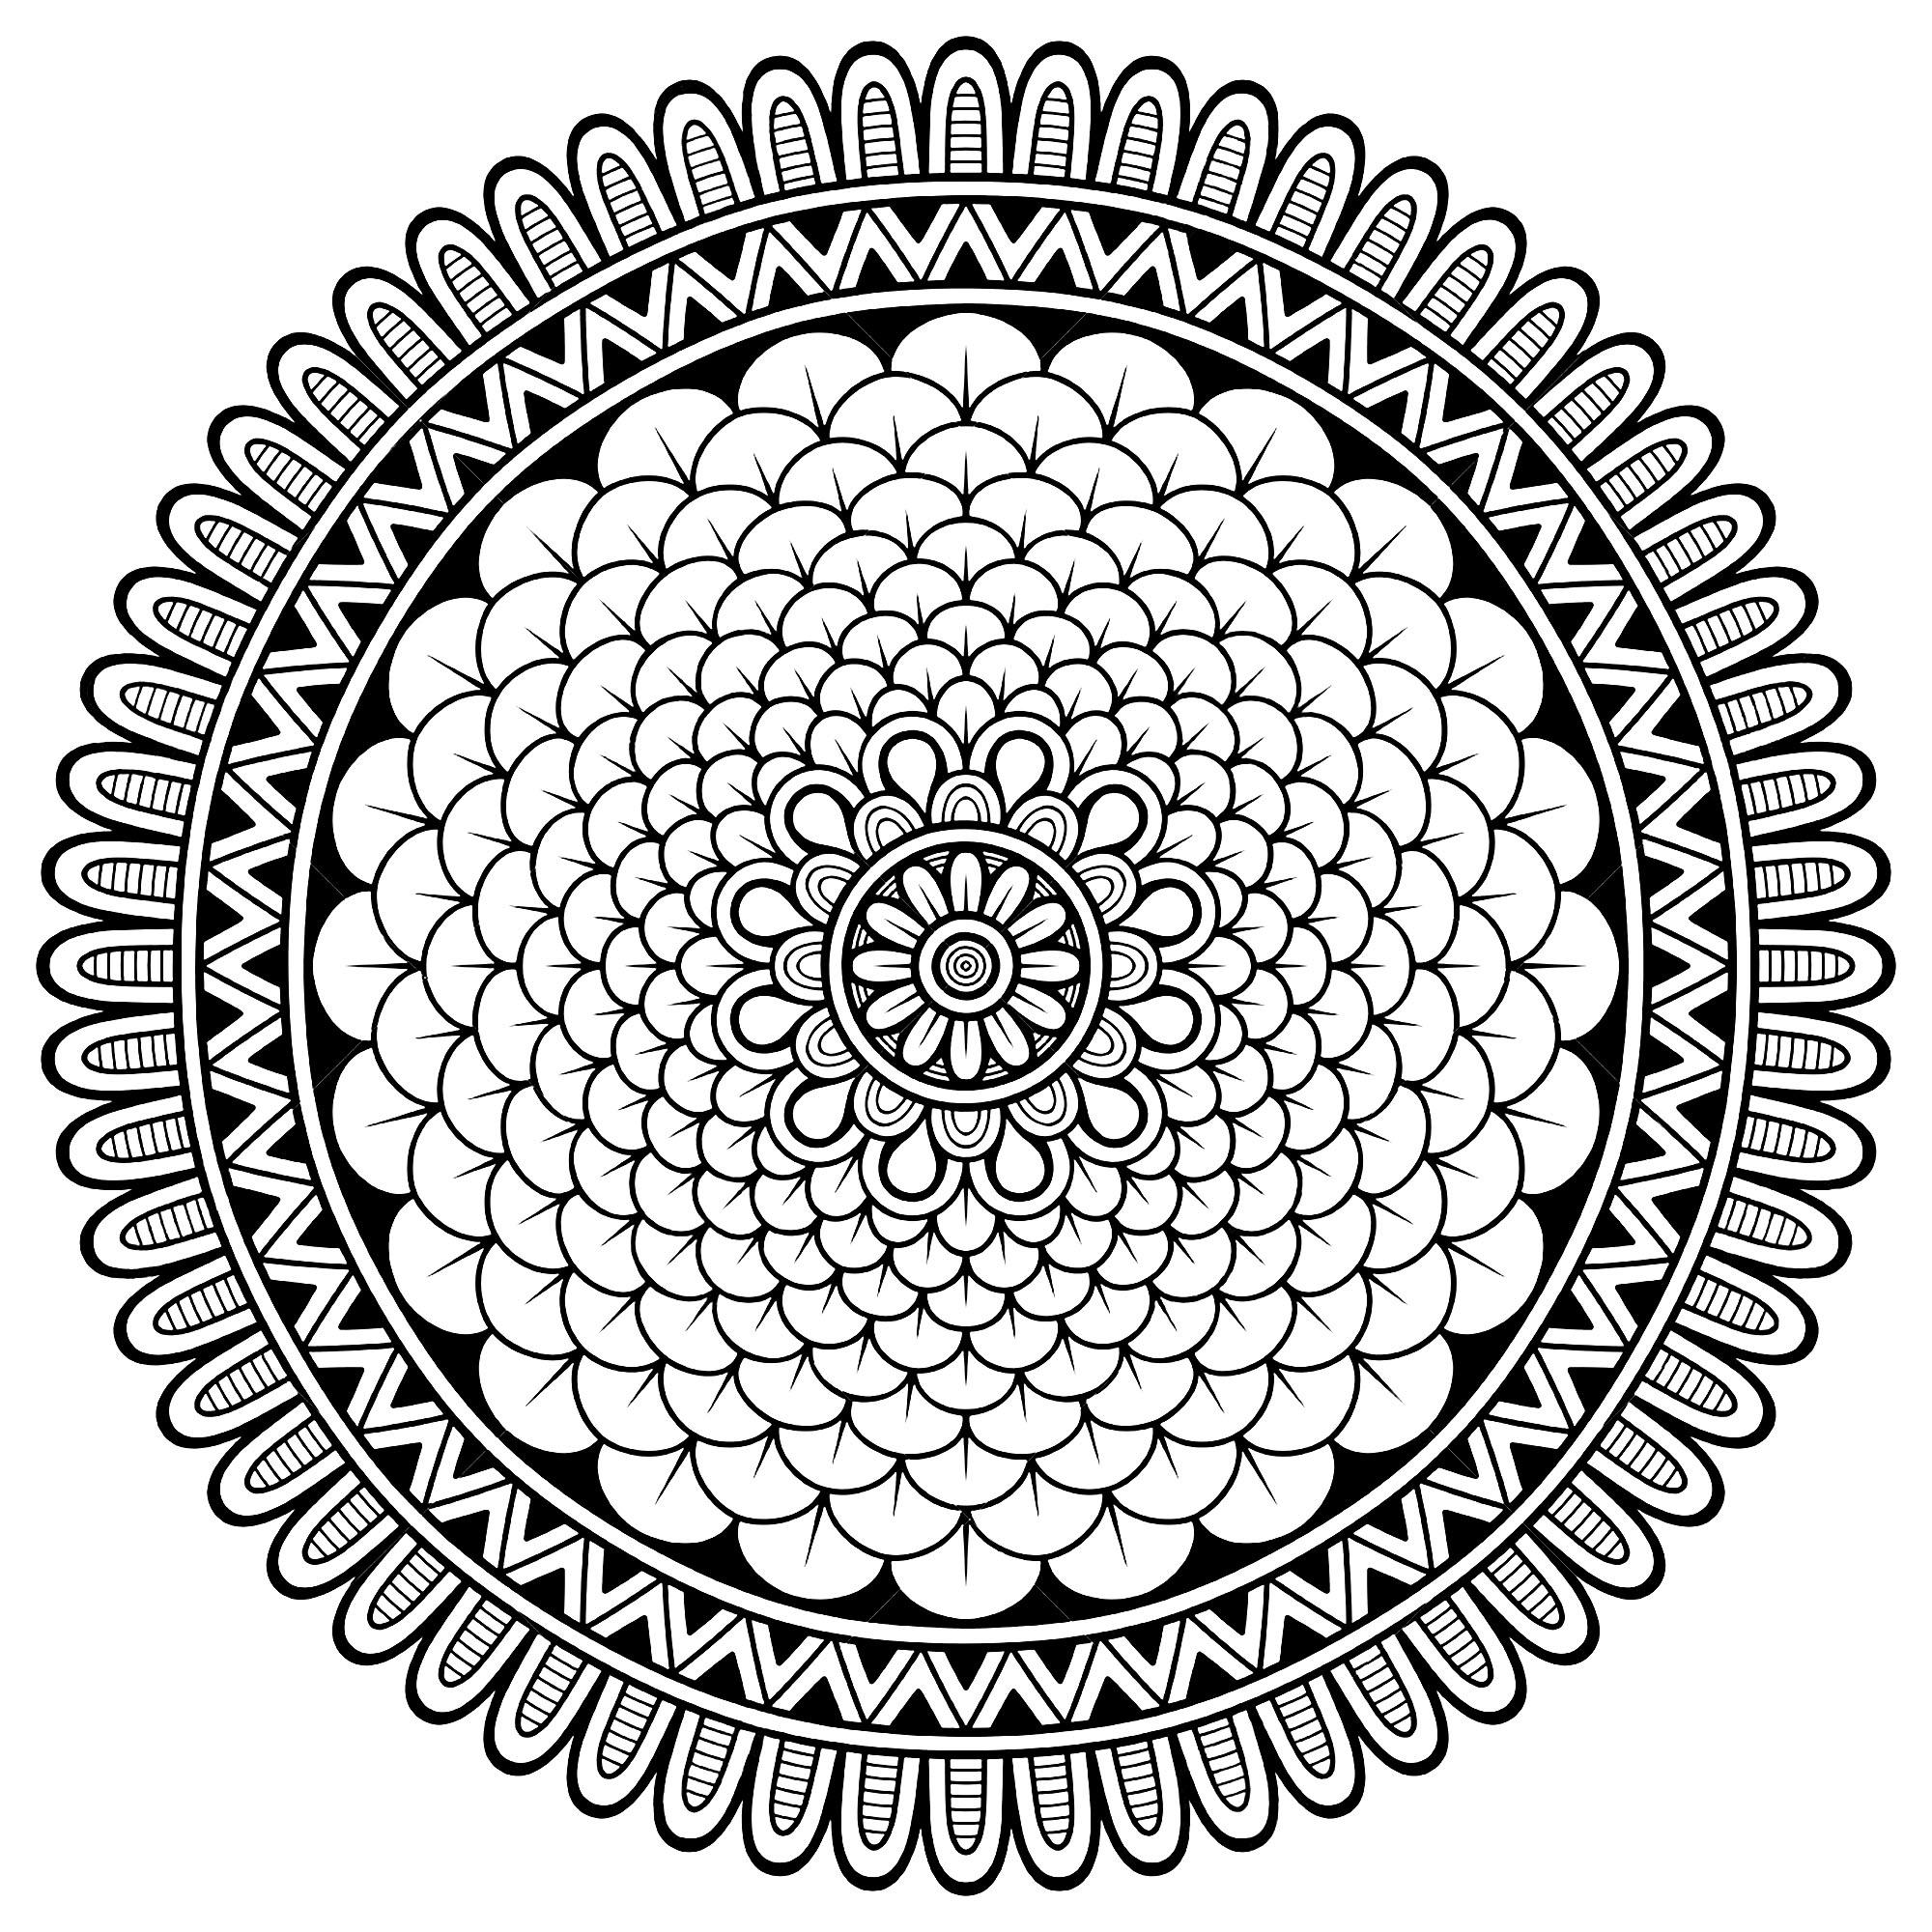 Disegni da colorare per adulti : Mandalas - 214